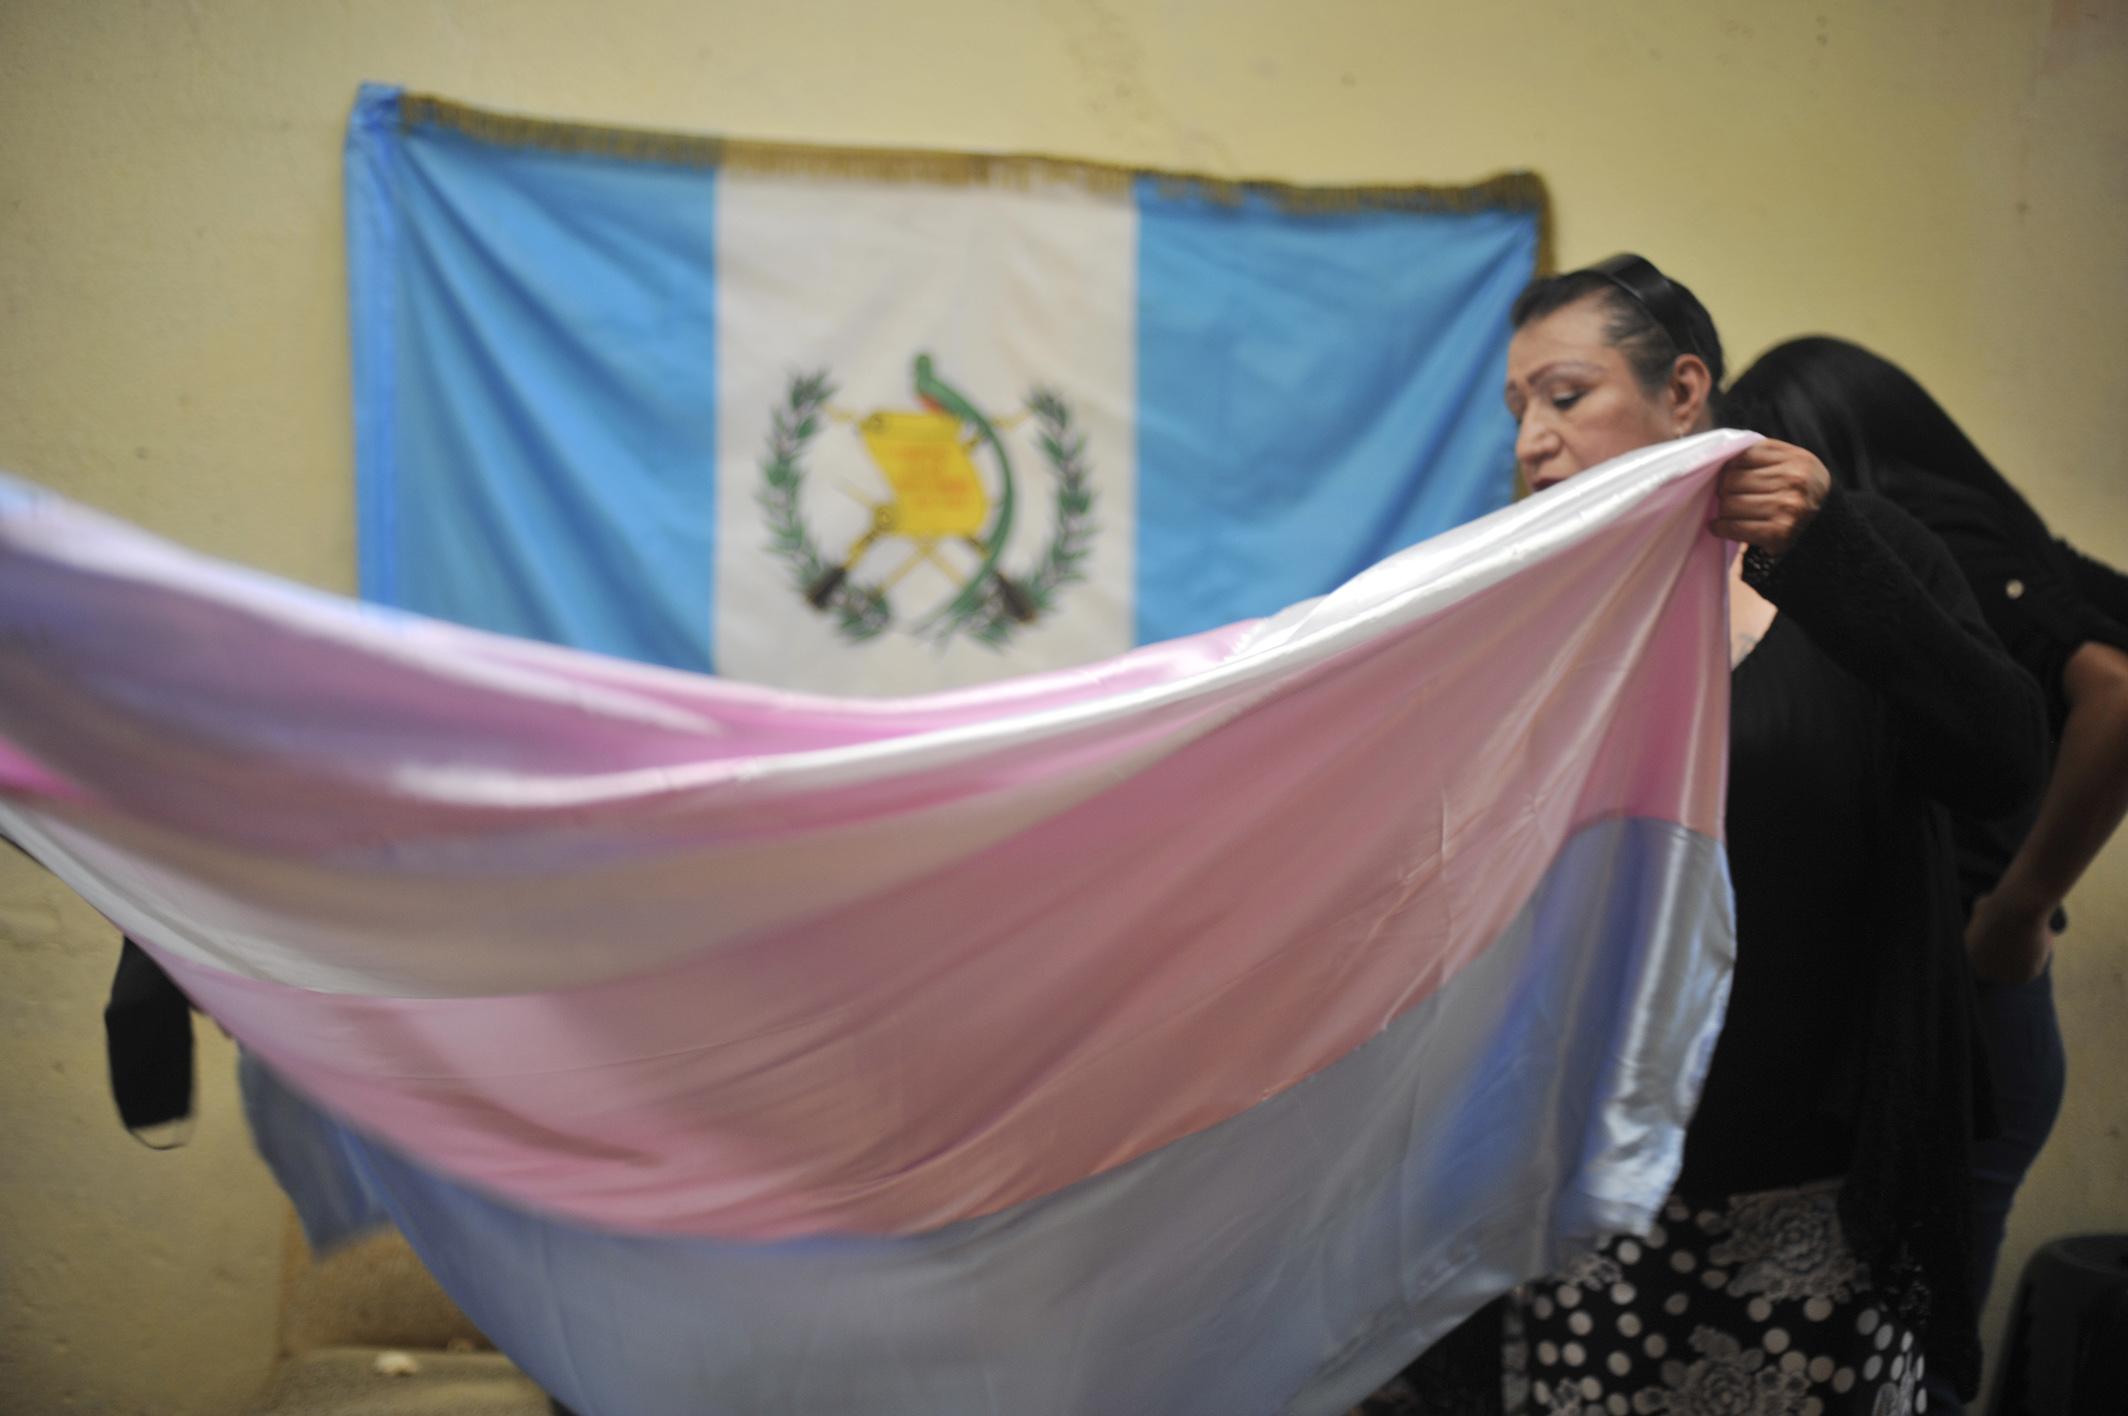 Reunión de El Trébol Colectivo. Foto: Morena Pérez Joachin